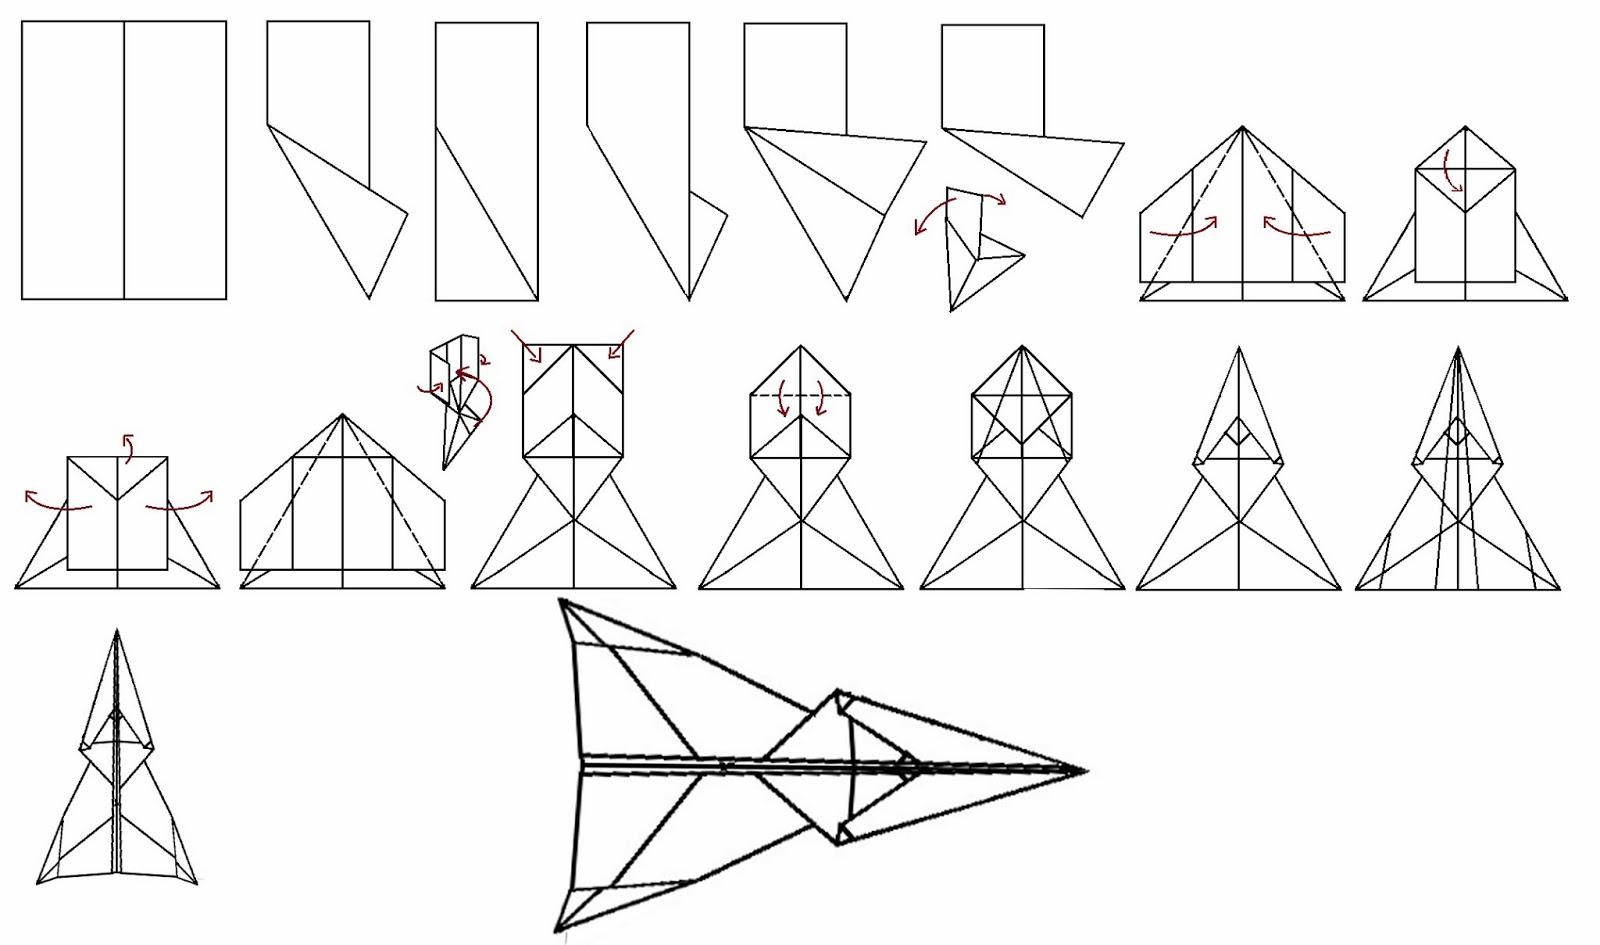 Instrucciones para pajas y demostracion - 1 1